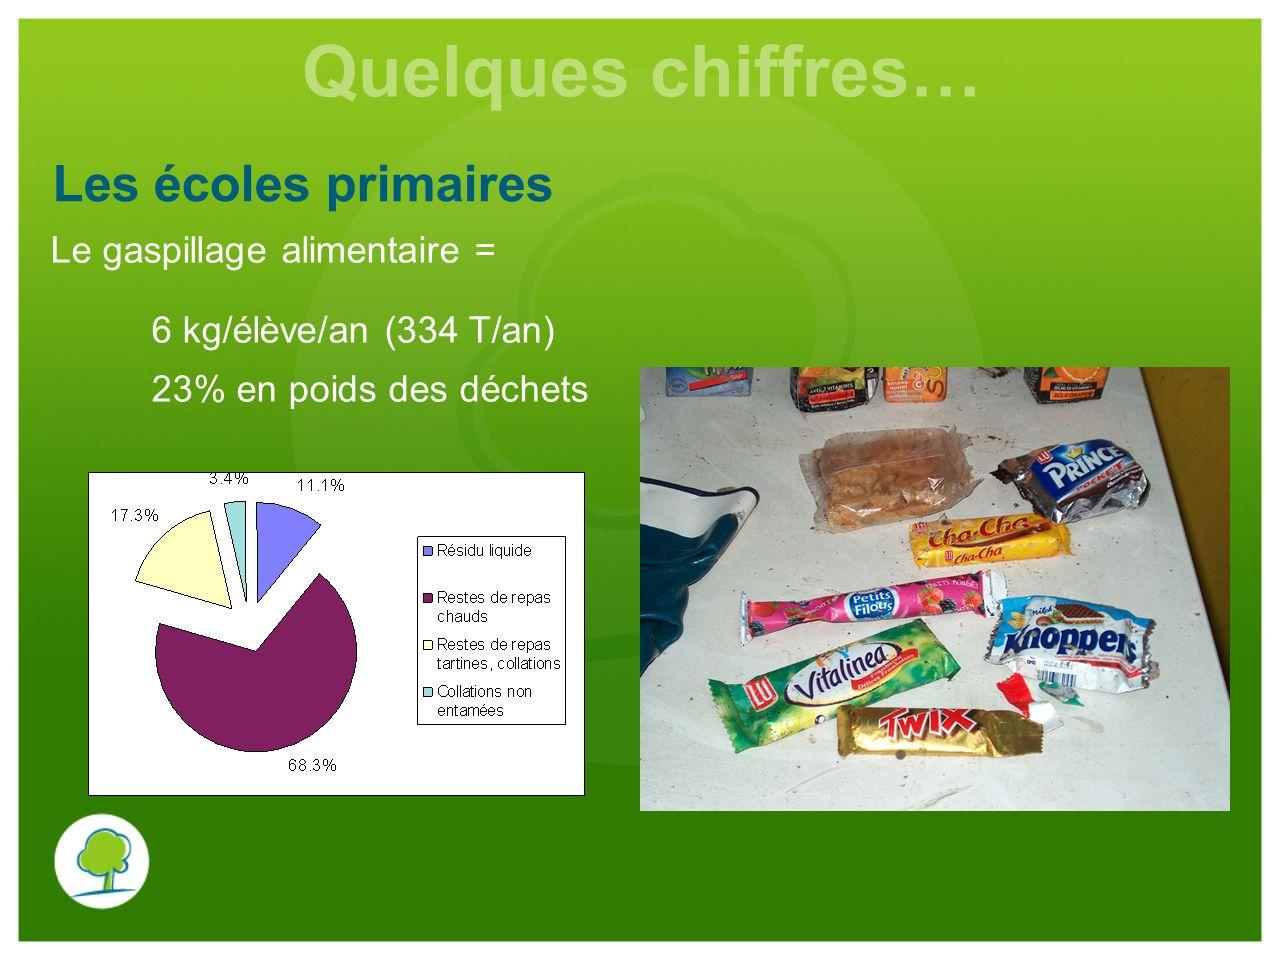 Quelques chiffres… Les écoles primaires Le gaspillage alimentaire = 6 kg/élève/an (334 T/an) 23% en poids des déchets